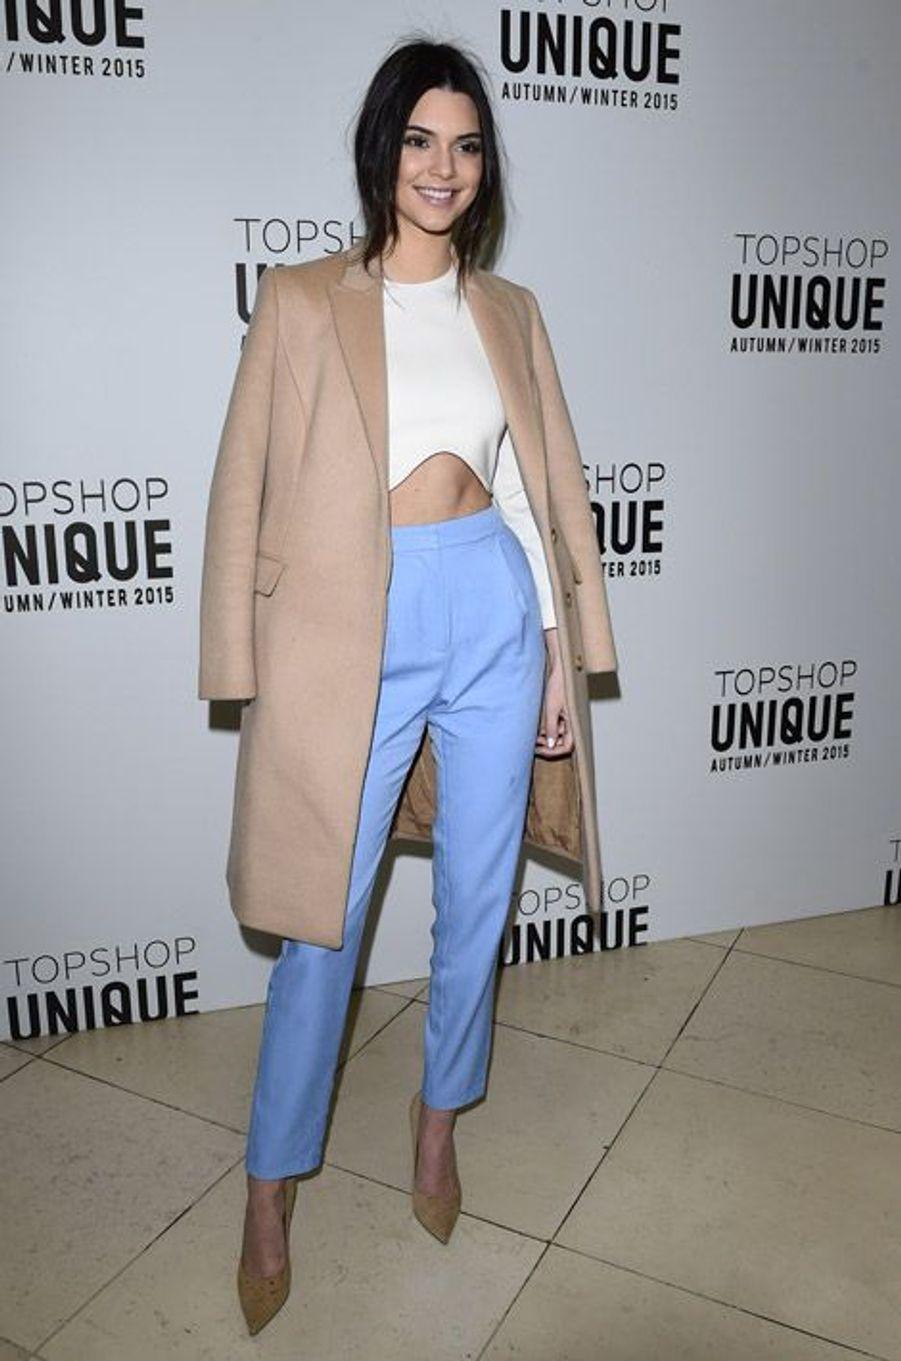 Le mannequin Kendall Jenner lors du défilé TopShop Unique à Londres, ce 22 février 2015